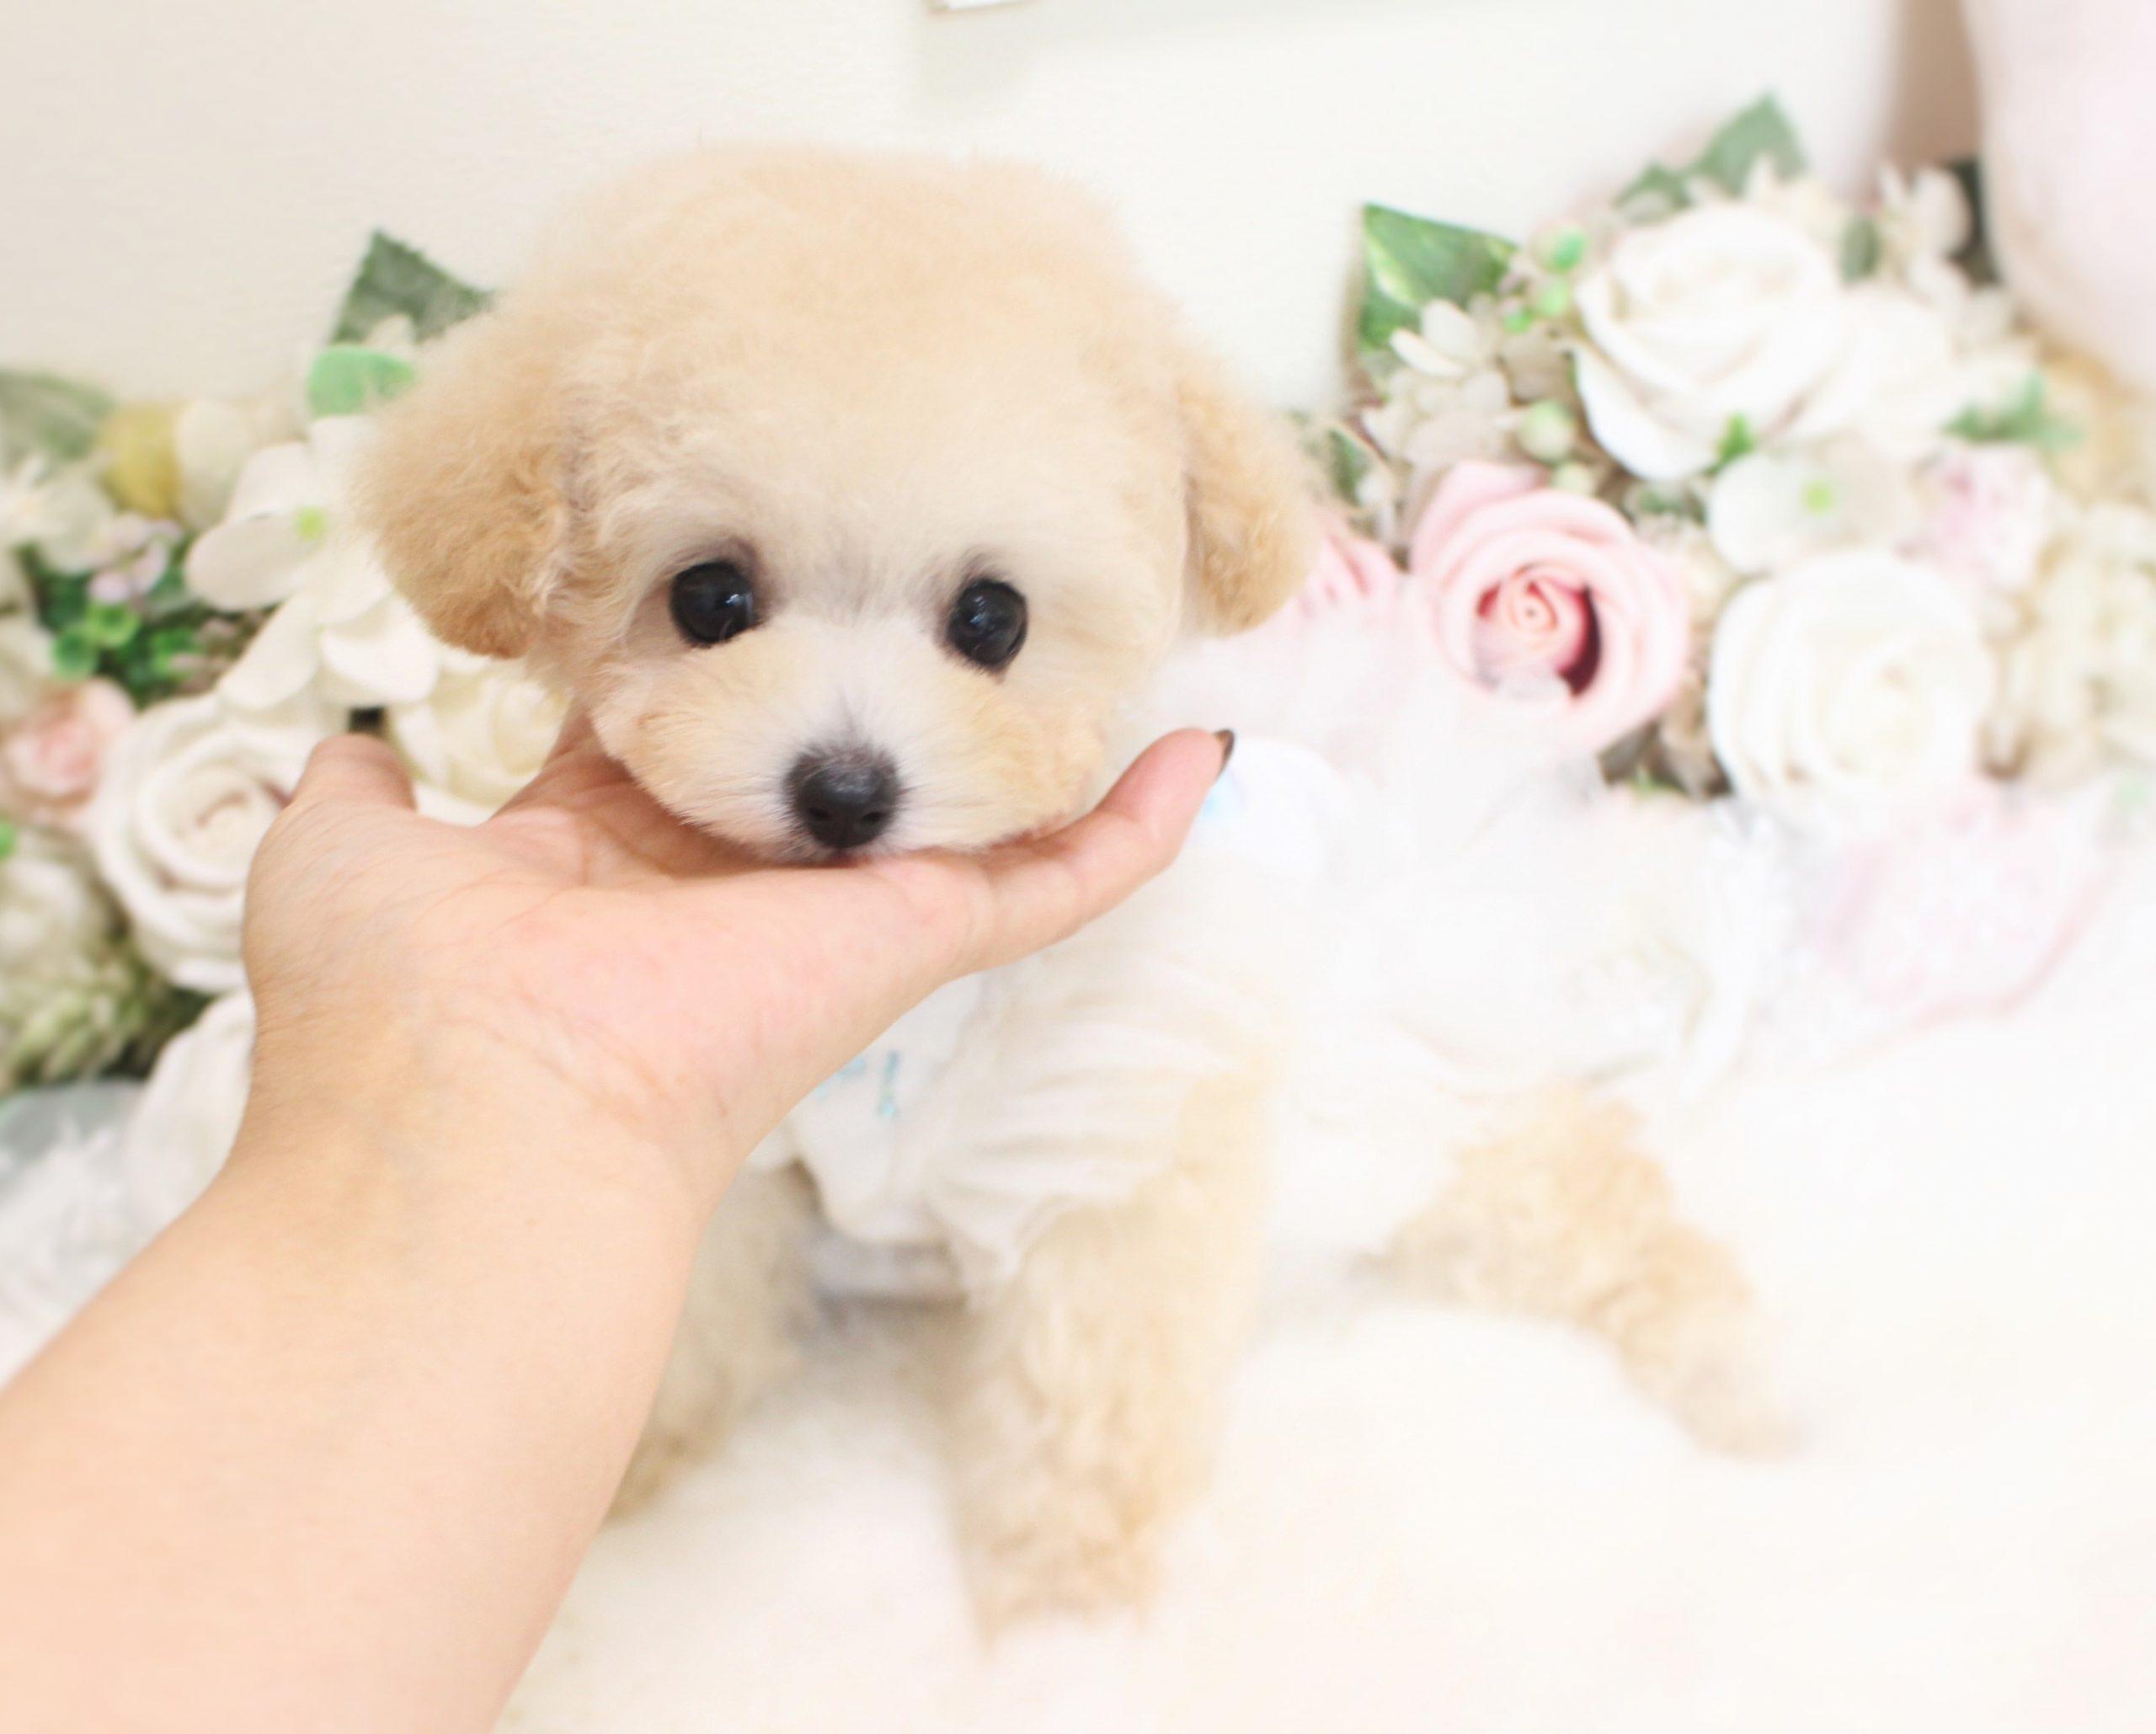 11月15日生まれの女の子 マイクロ予想♡ こはくべびー01